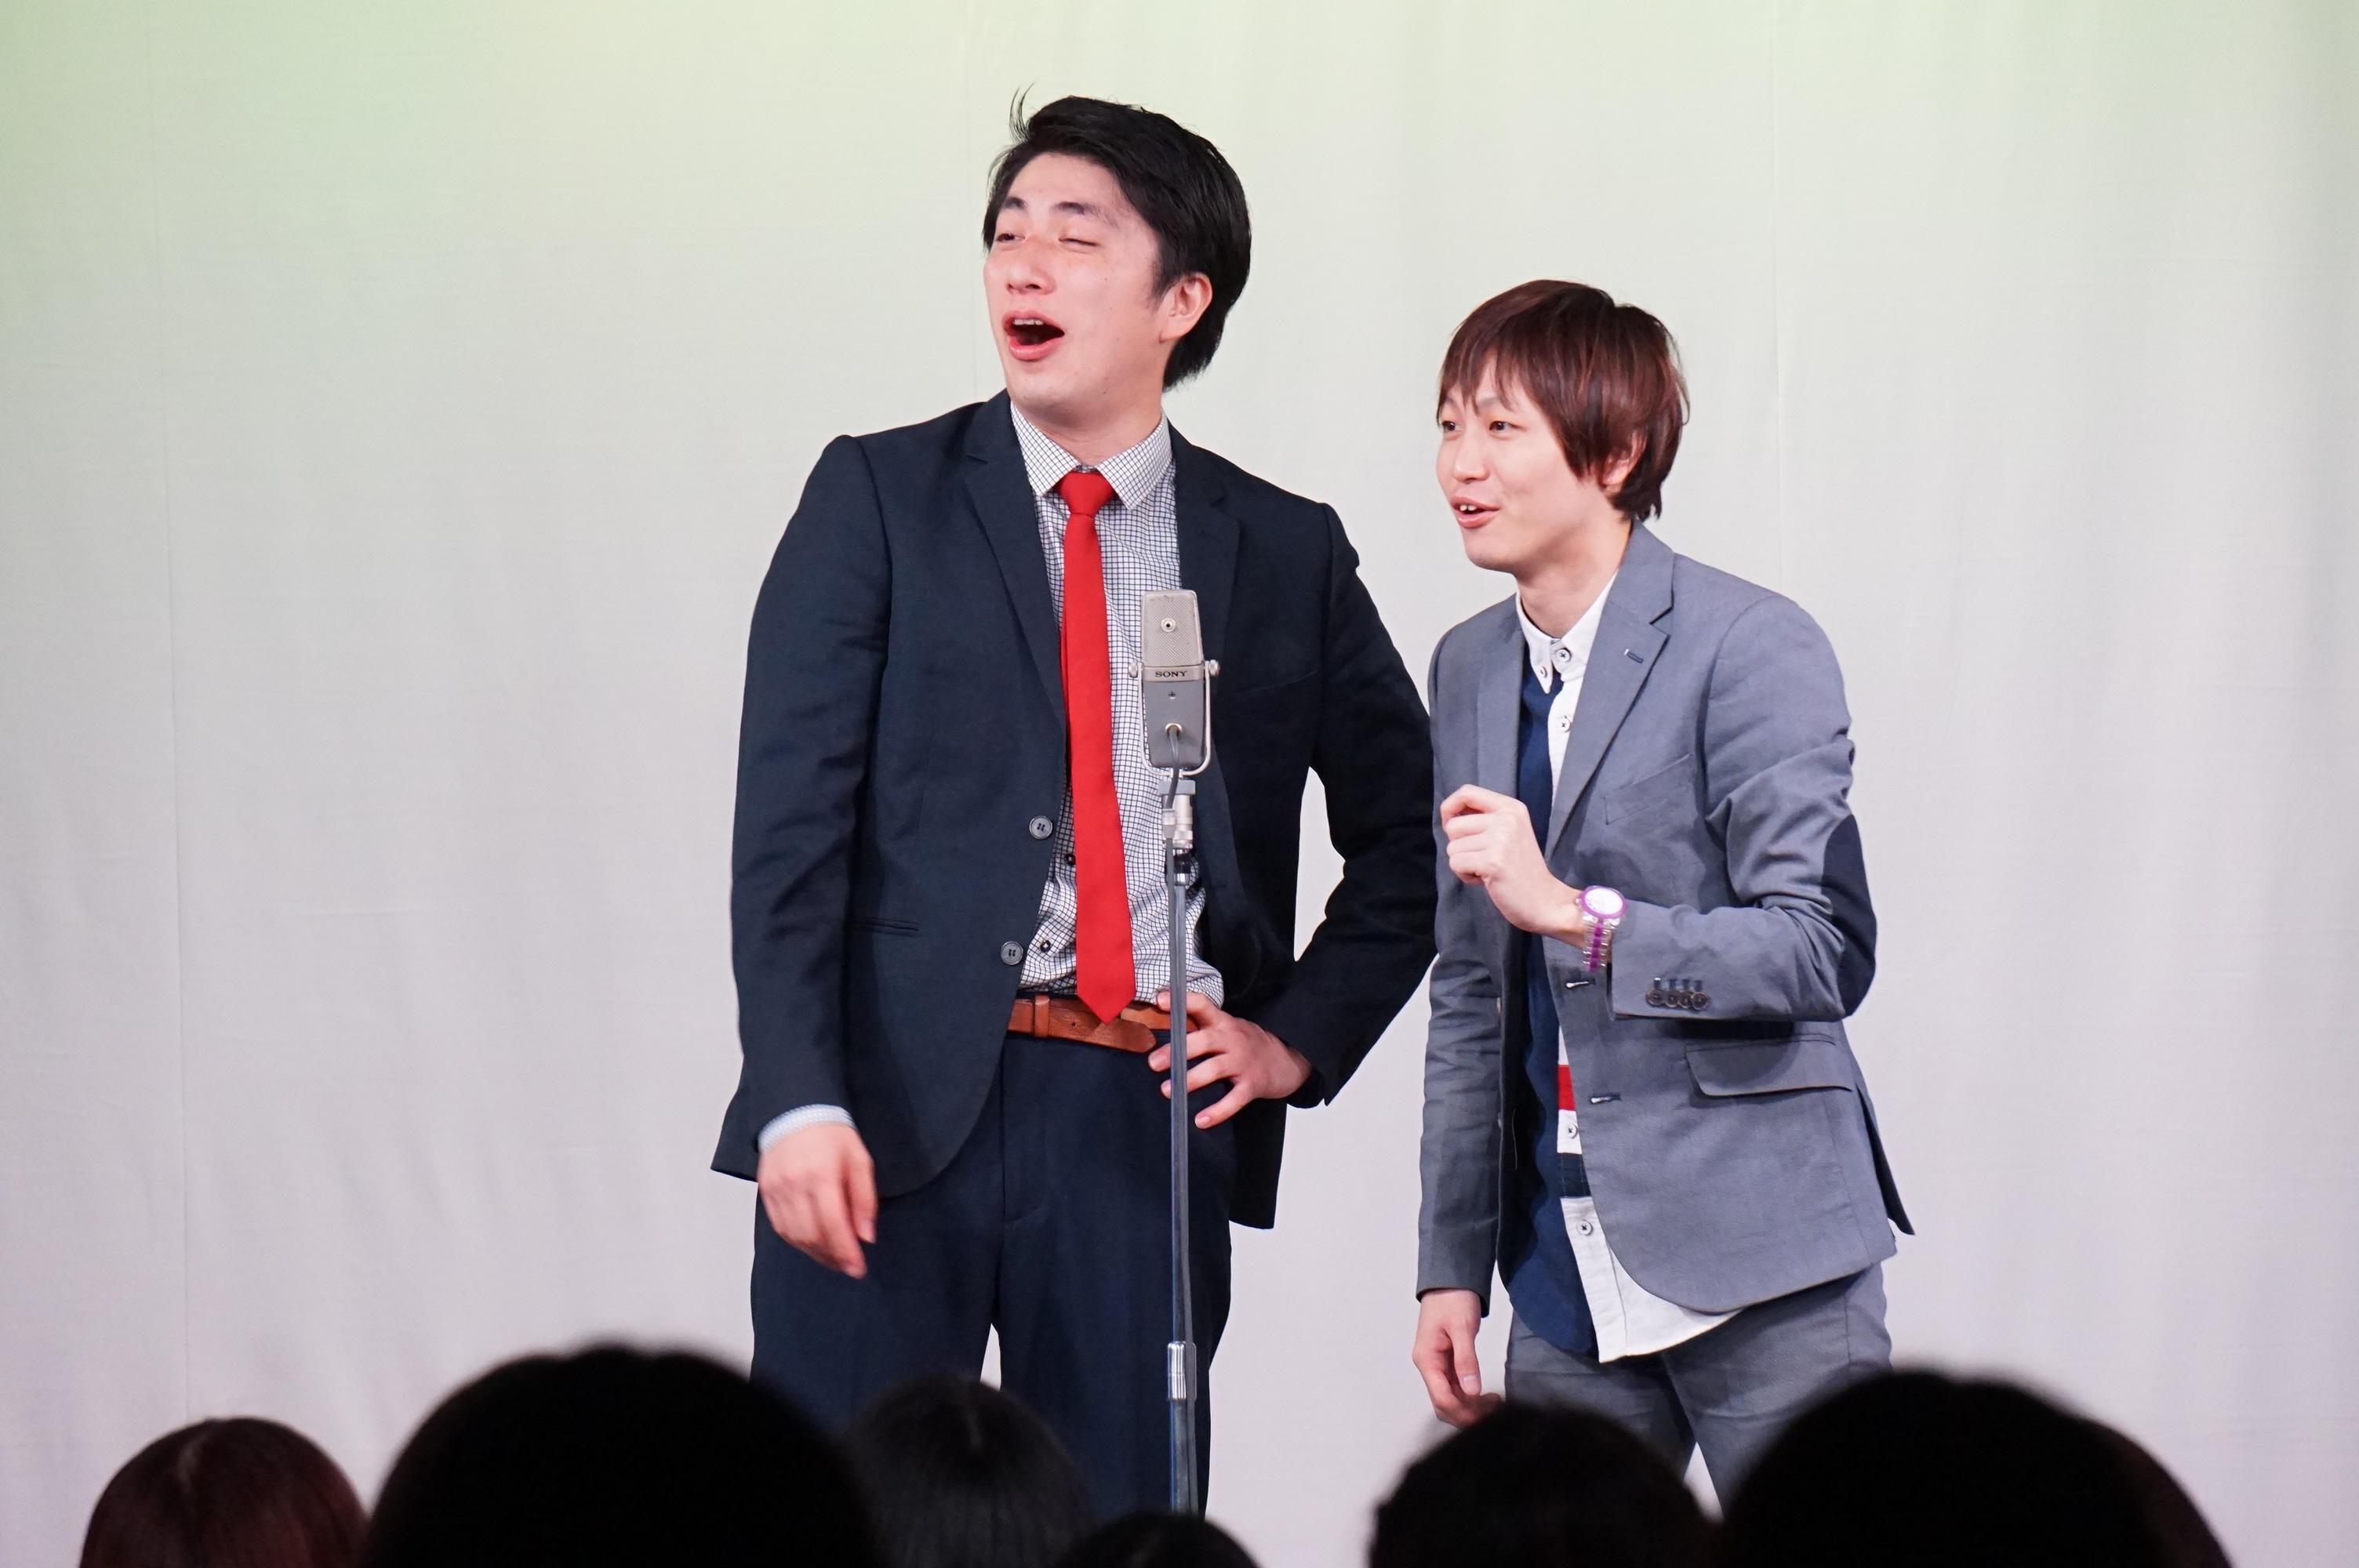 http://news.yoshimoto.co.jp/20161028190940-e421c74c96c2b1cfc65e3b0f616f1fdc714071ec.jpg